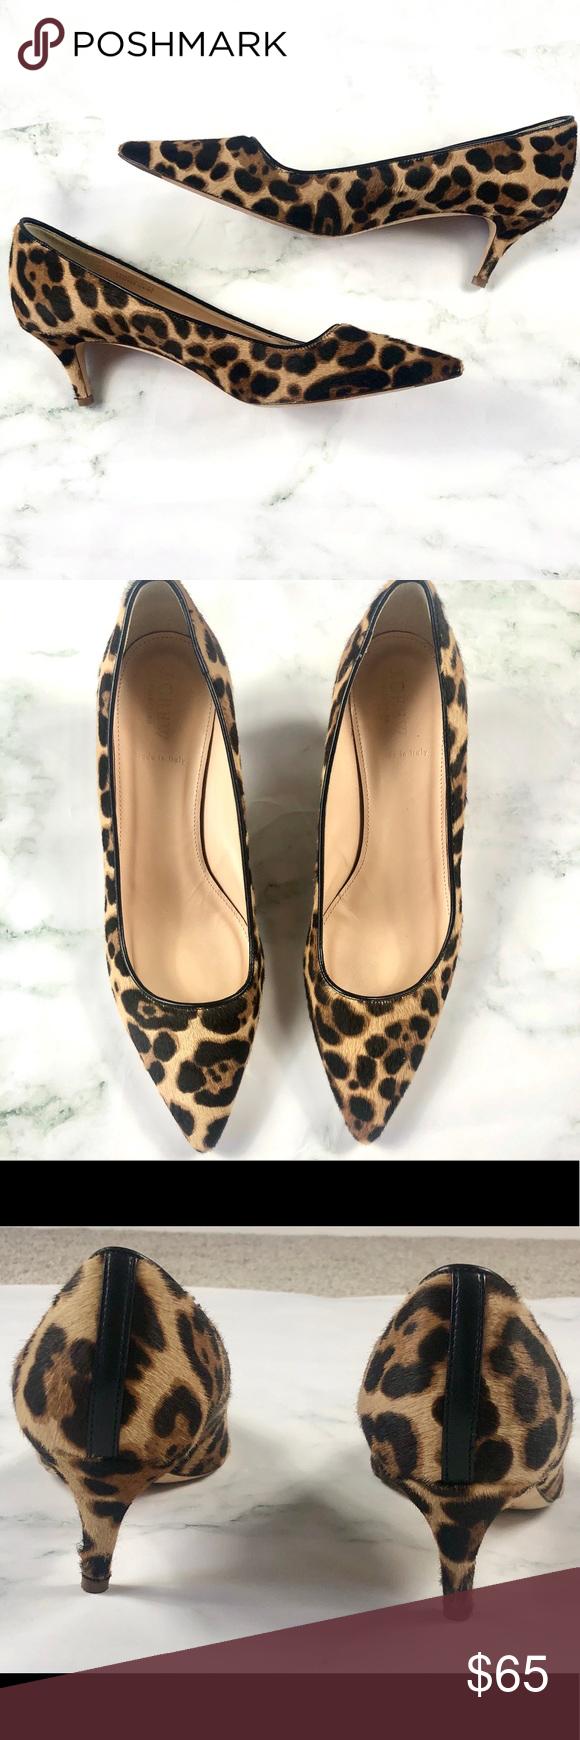 J Crew Collection Calf Hair Kitten Heels In 2020 Kitten Heels Heels Shoes Women Heels